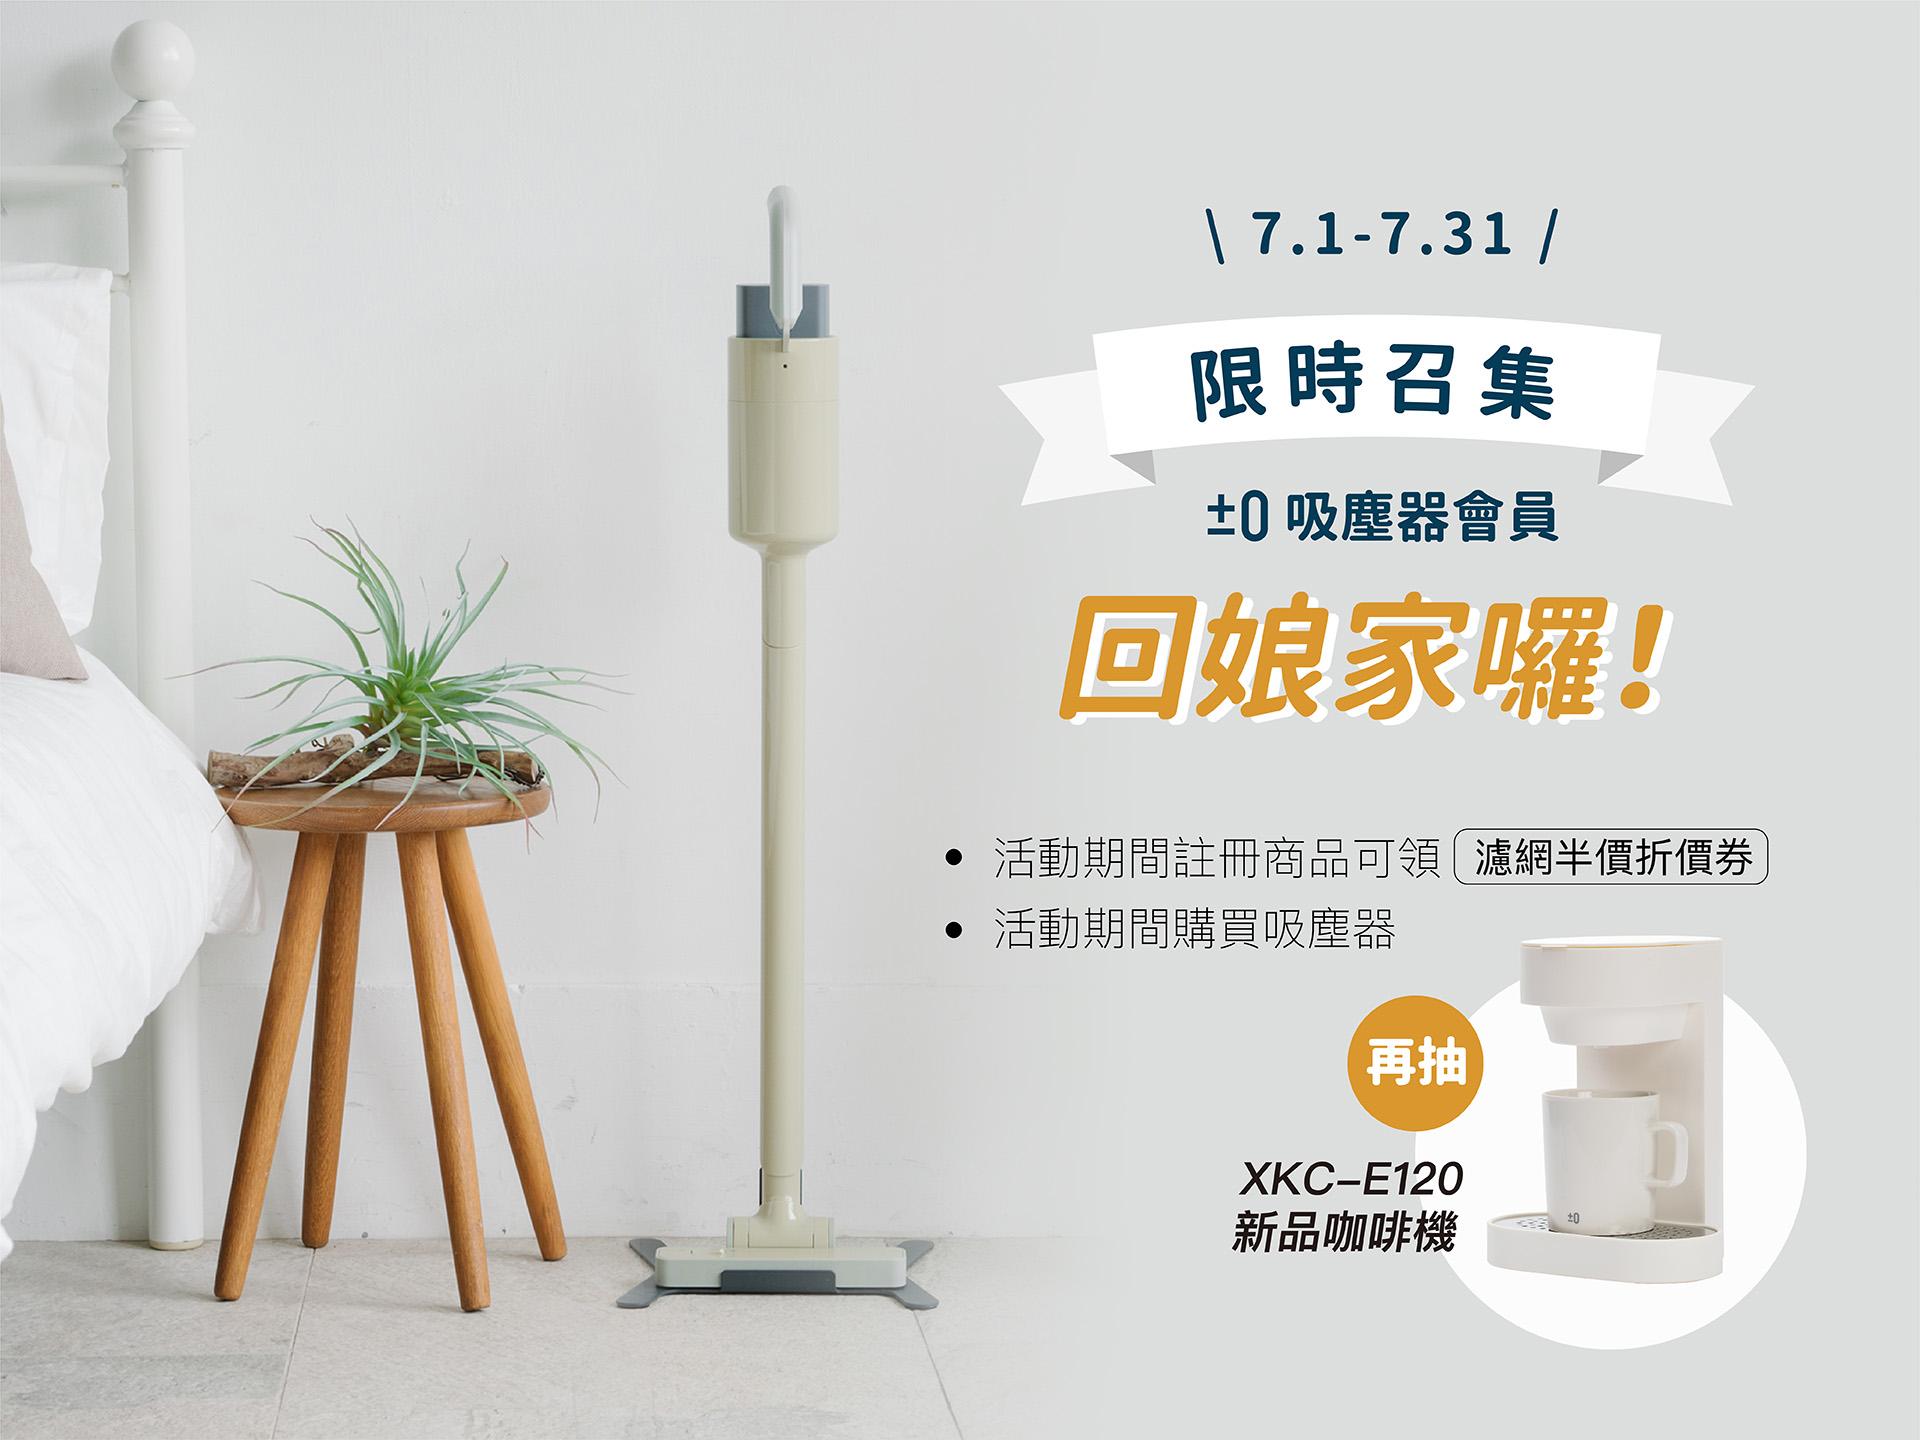 【活動公告】吸塵器會員召集中♫ 有機會獲得±0新品咖啡機!